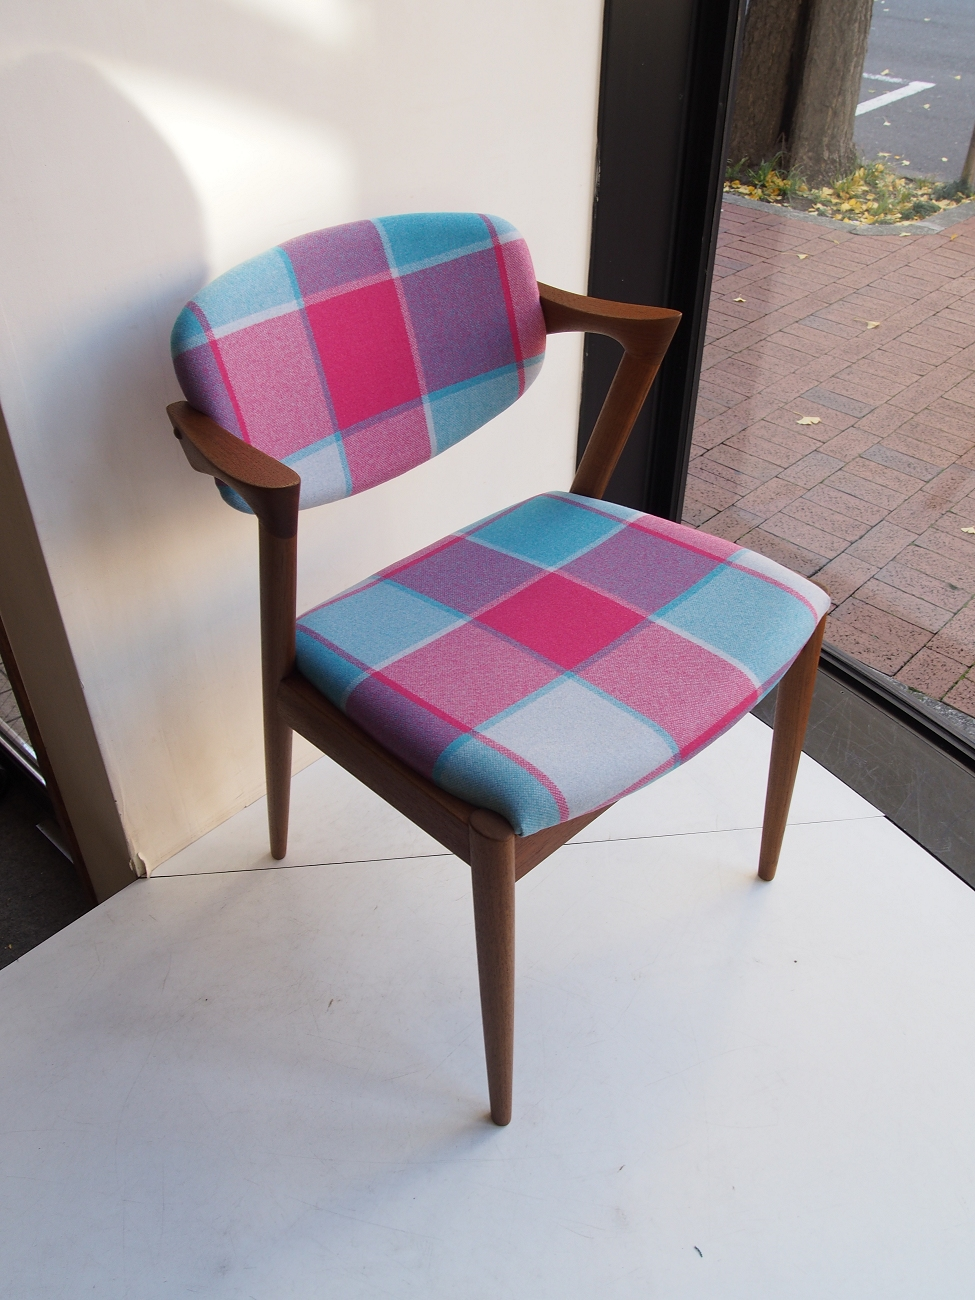 カイクリスチャンセン No.42チェア チーク / Kai kristiansen ビンテージ北欧家具